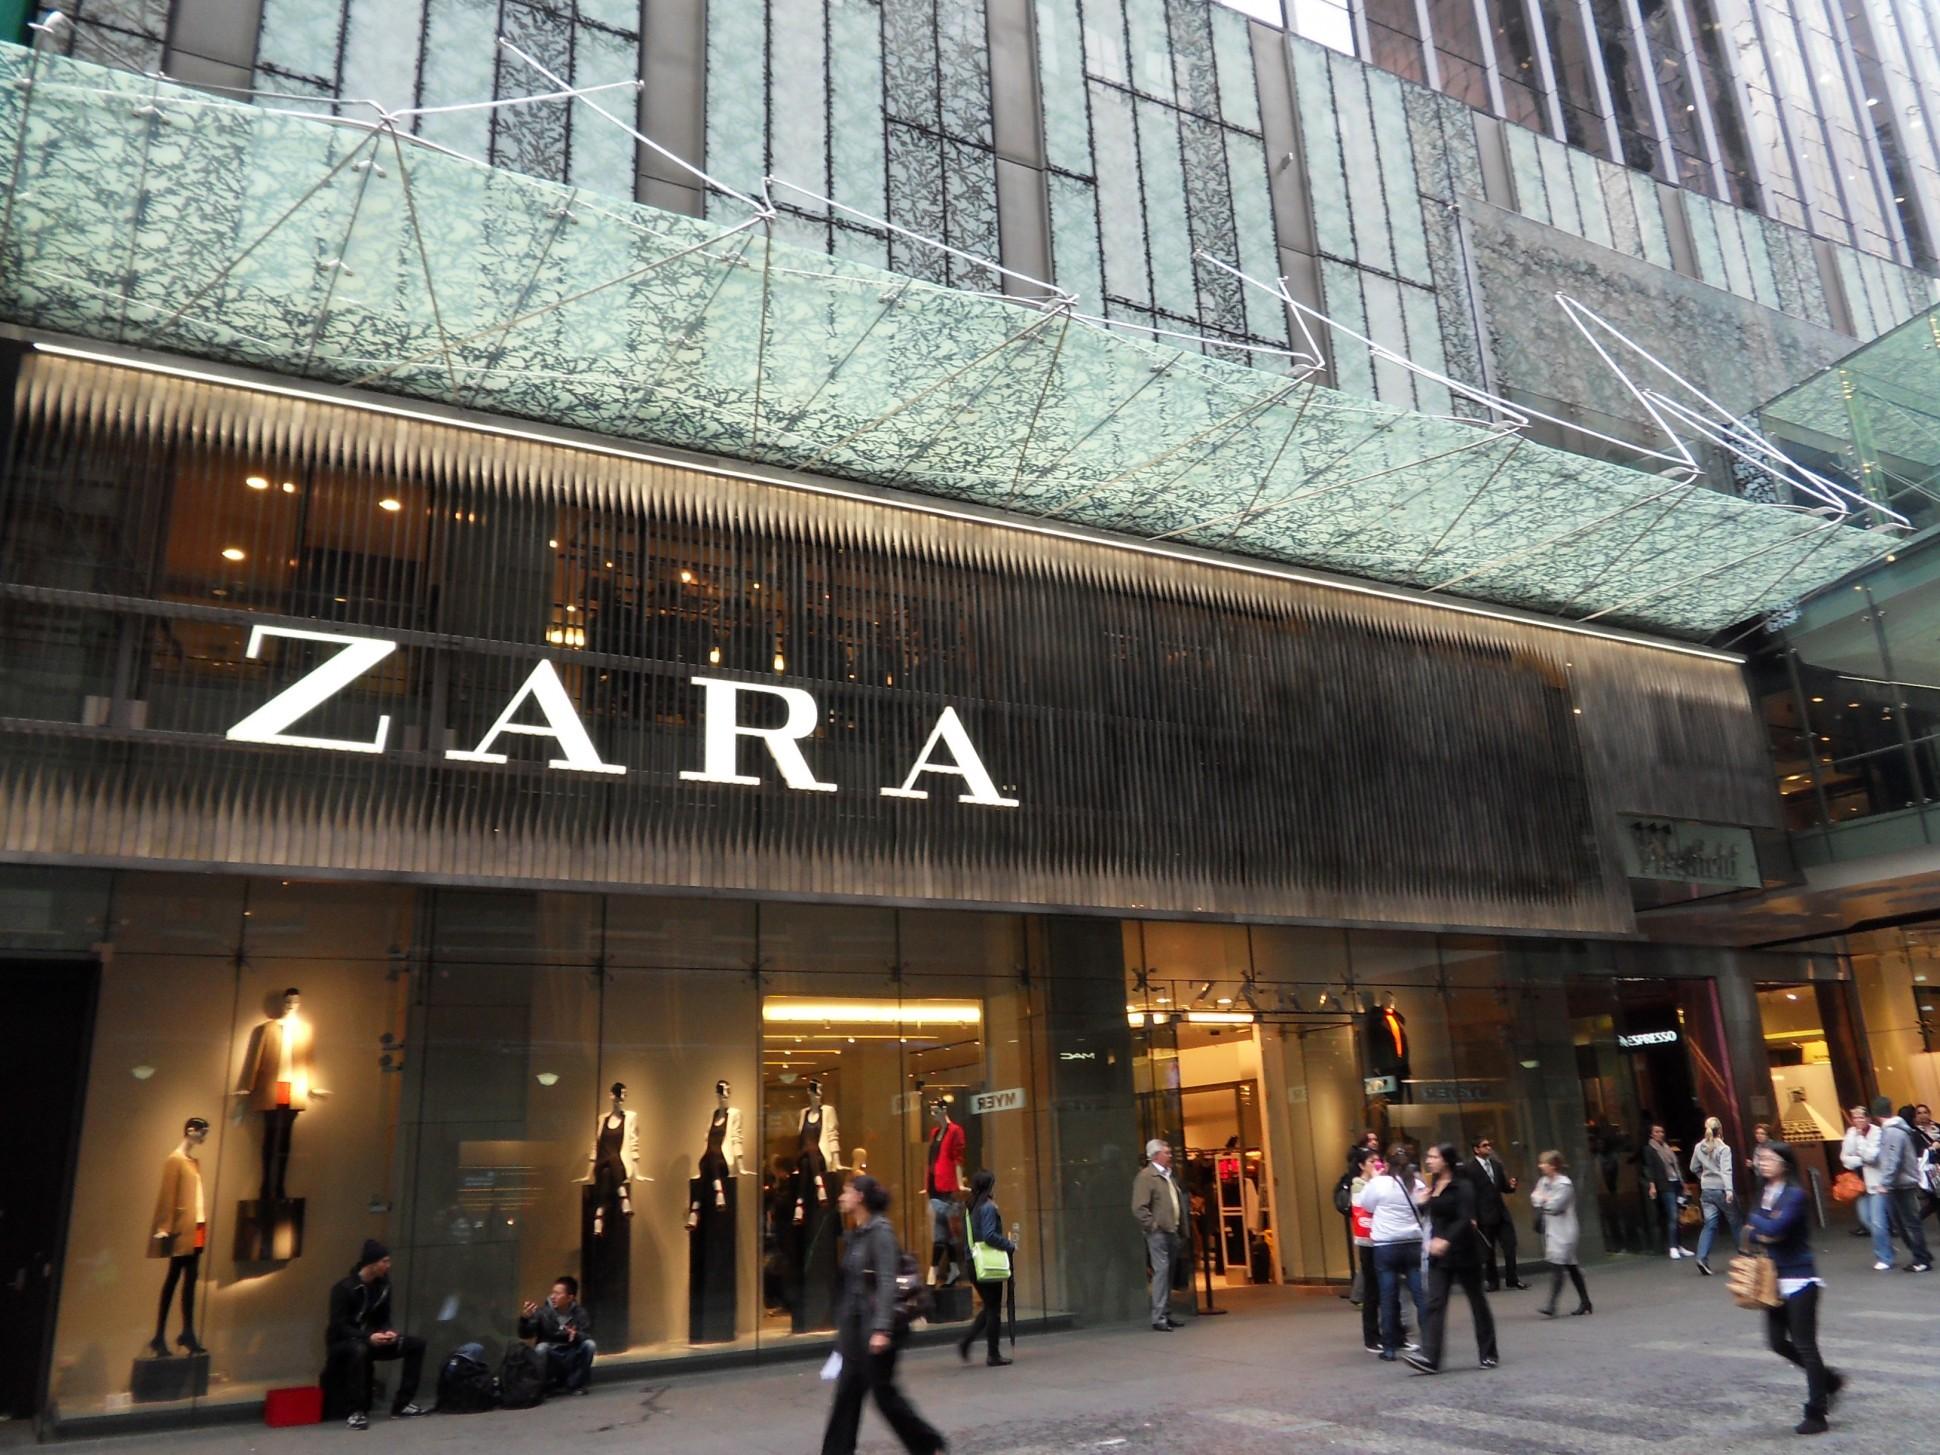 Franquicia Zara ¿Cómo montar una tienda Zara?